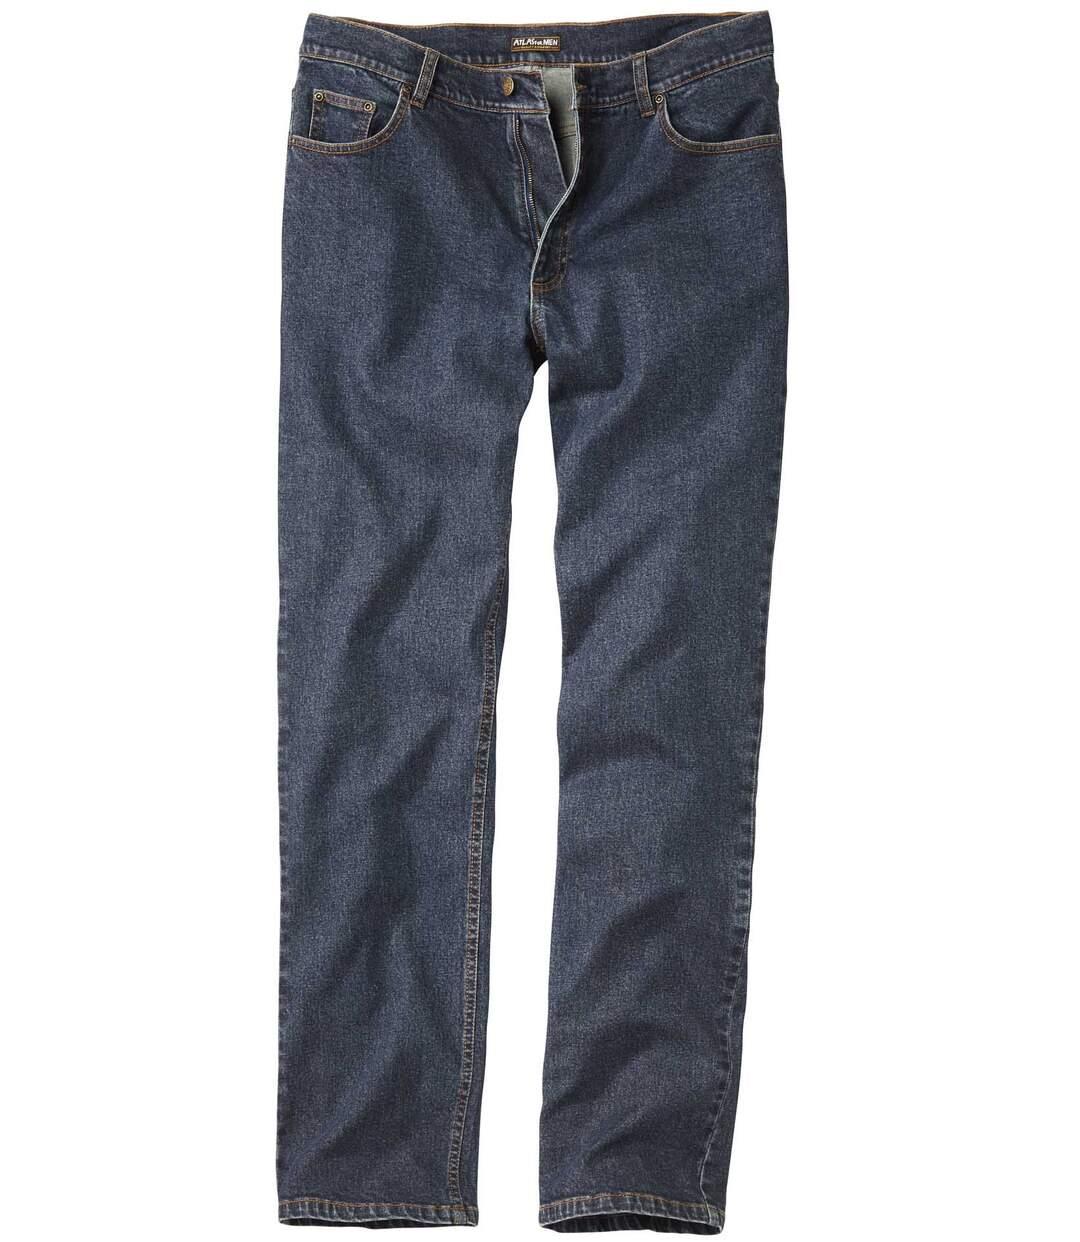 Ciemnoniebieskie dżinsy ze stretchu